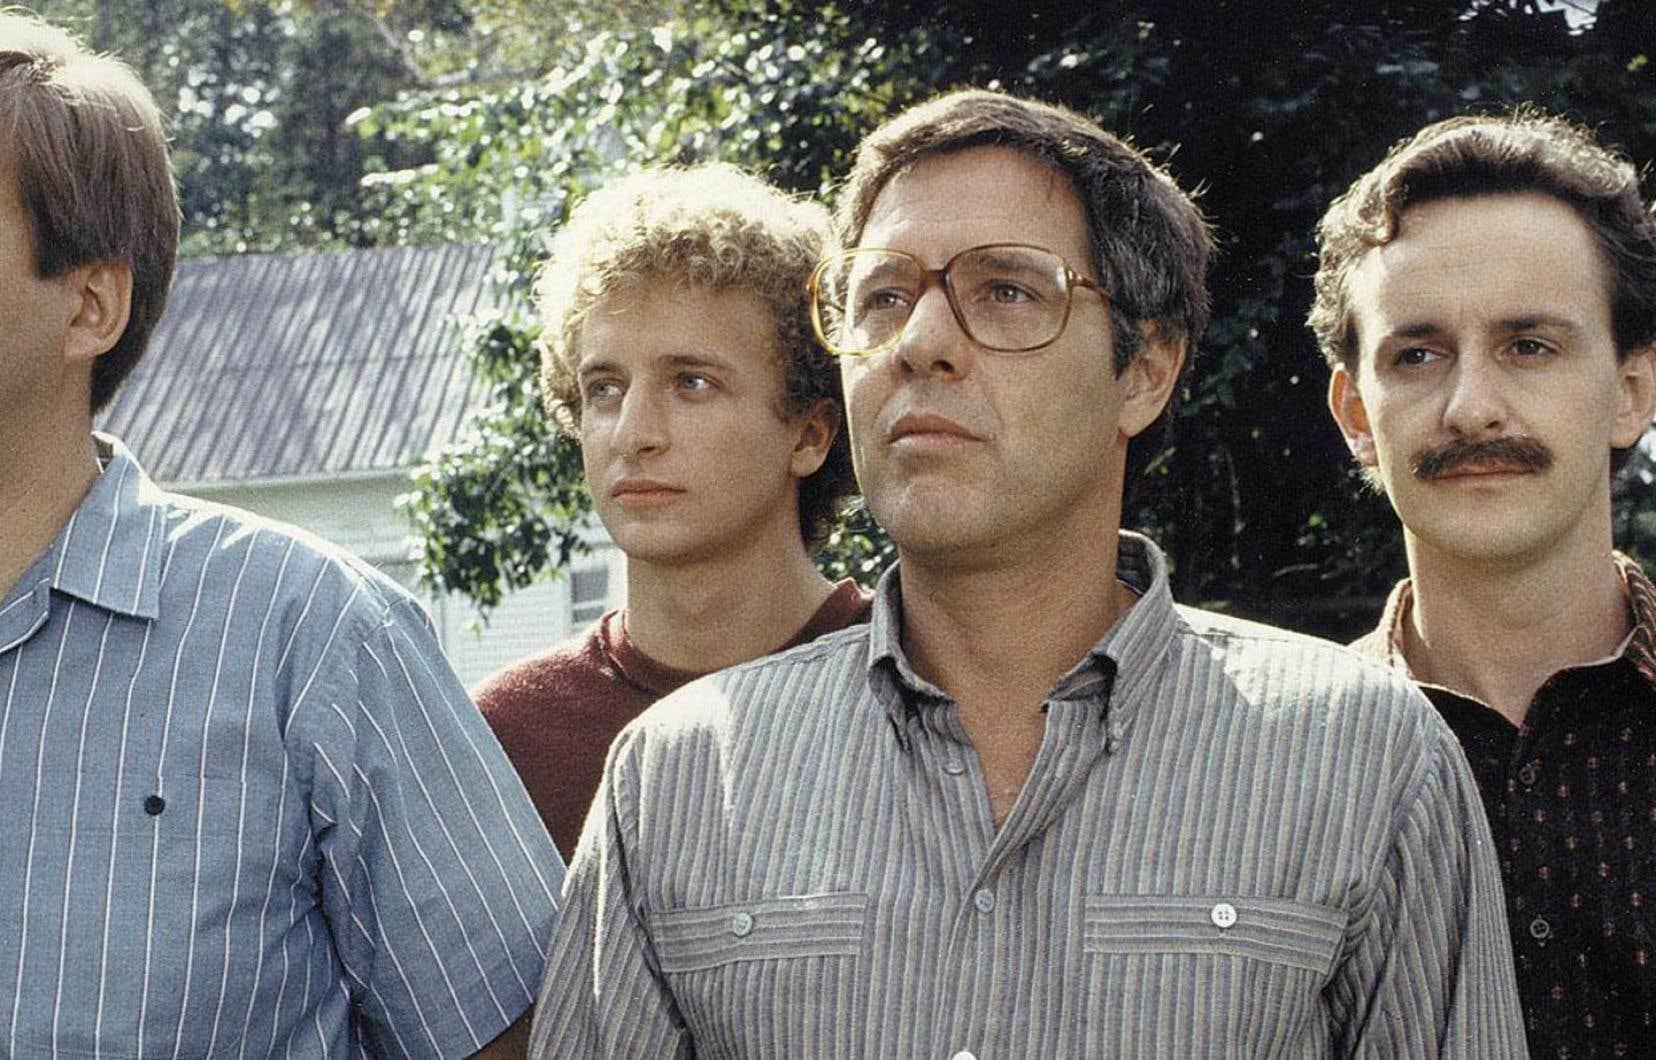 La distrubution du «Déclin de l'Empire Américain», sorti en 1986